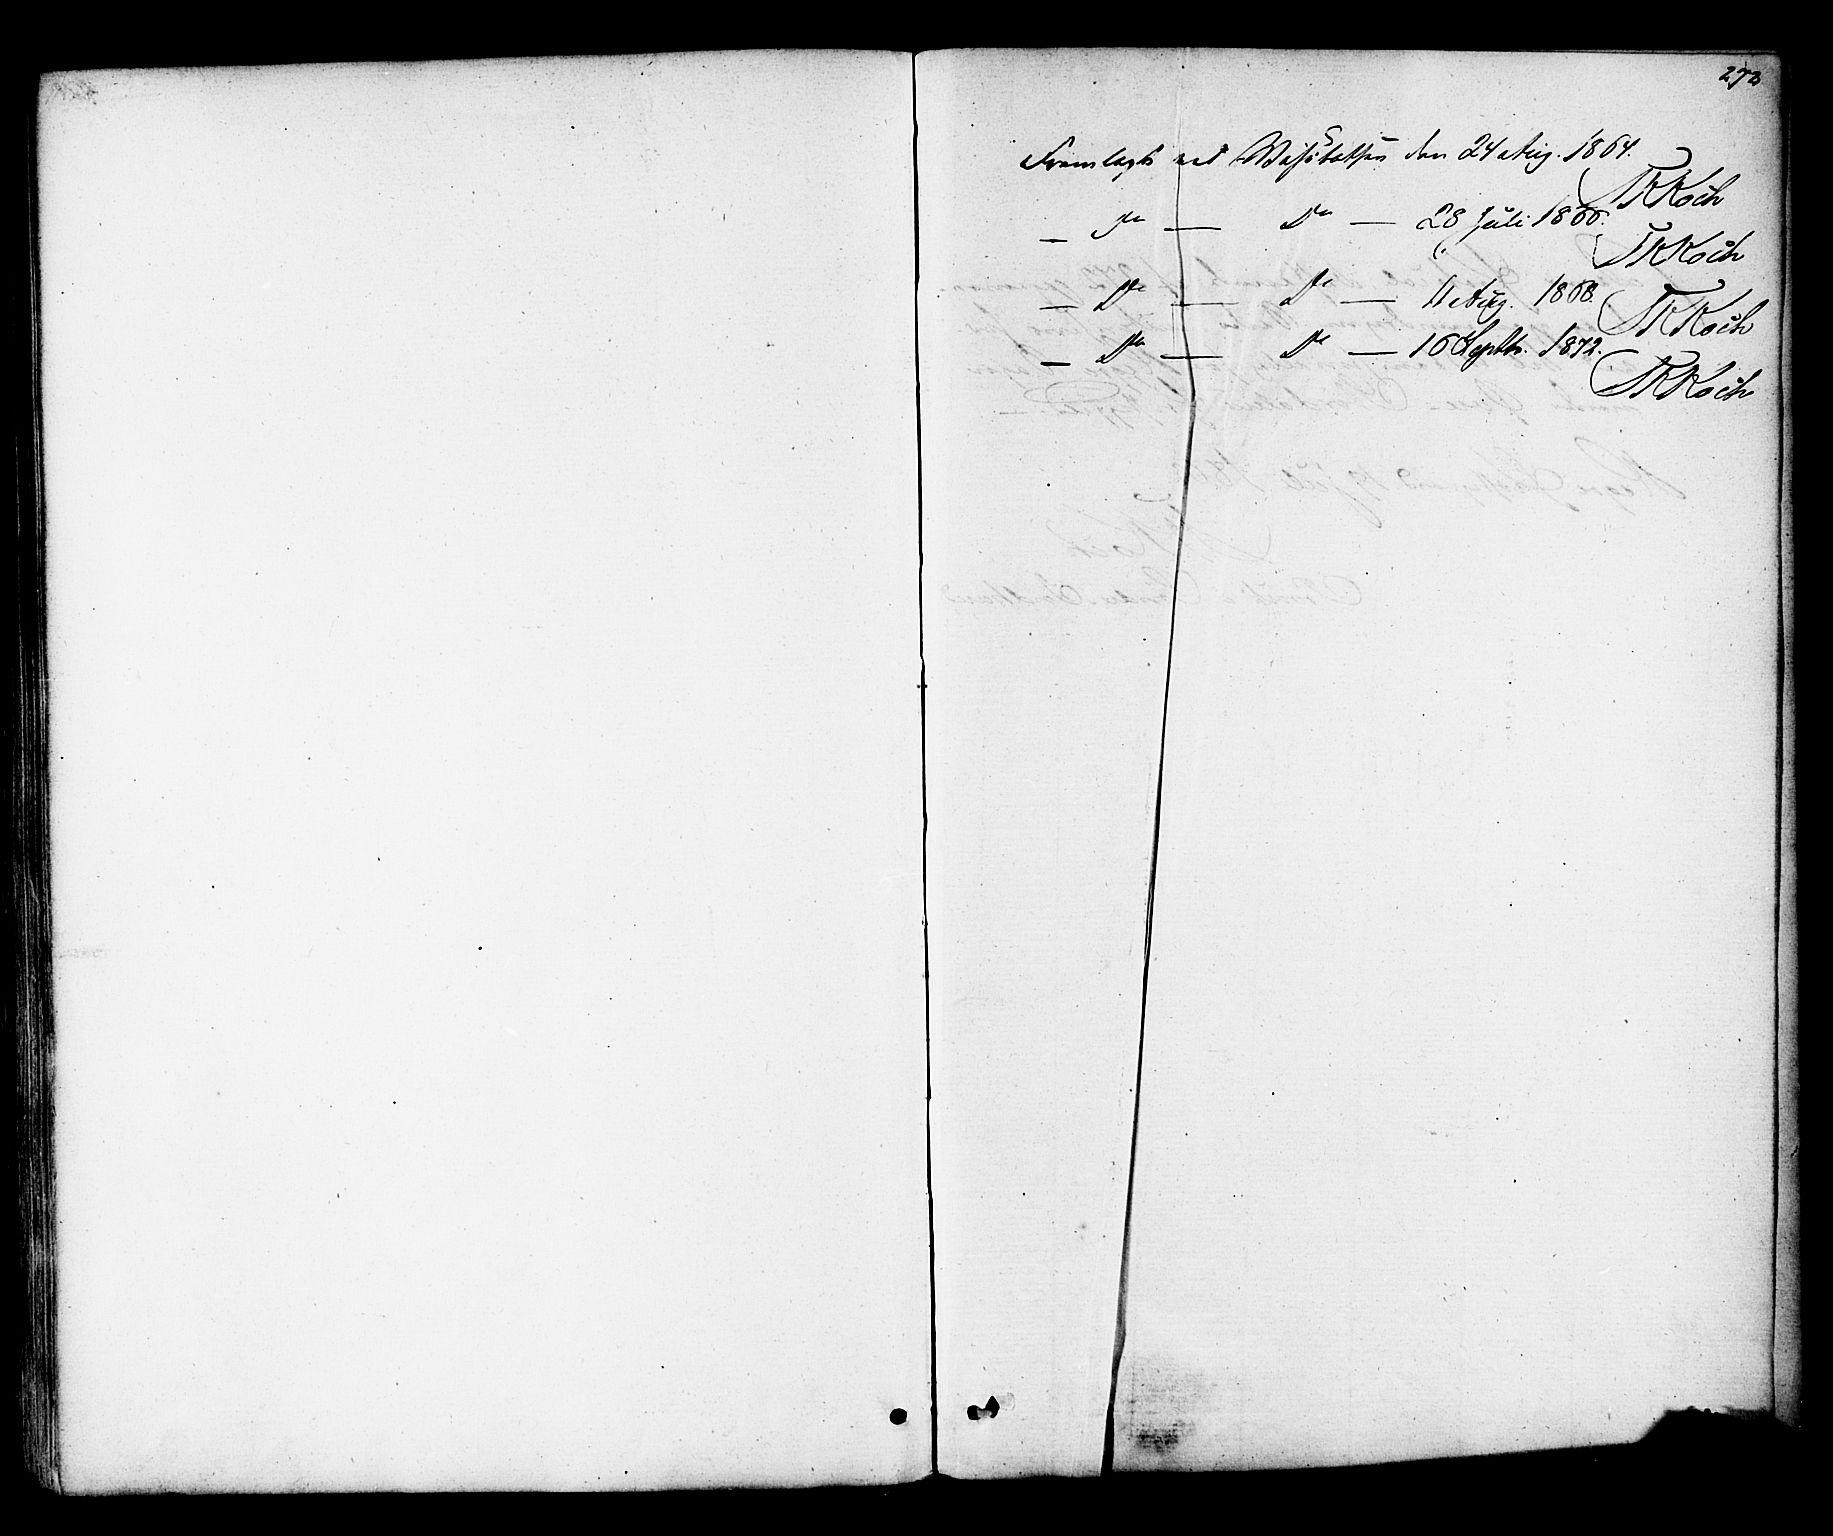 SAT, Ministerialprotokoller, klokkerbøker og fødselsregistre - Nord-Trøndelag, 703/L0029: Parish register (official) no. 703A02, 1863-1879, p. 272